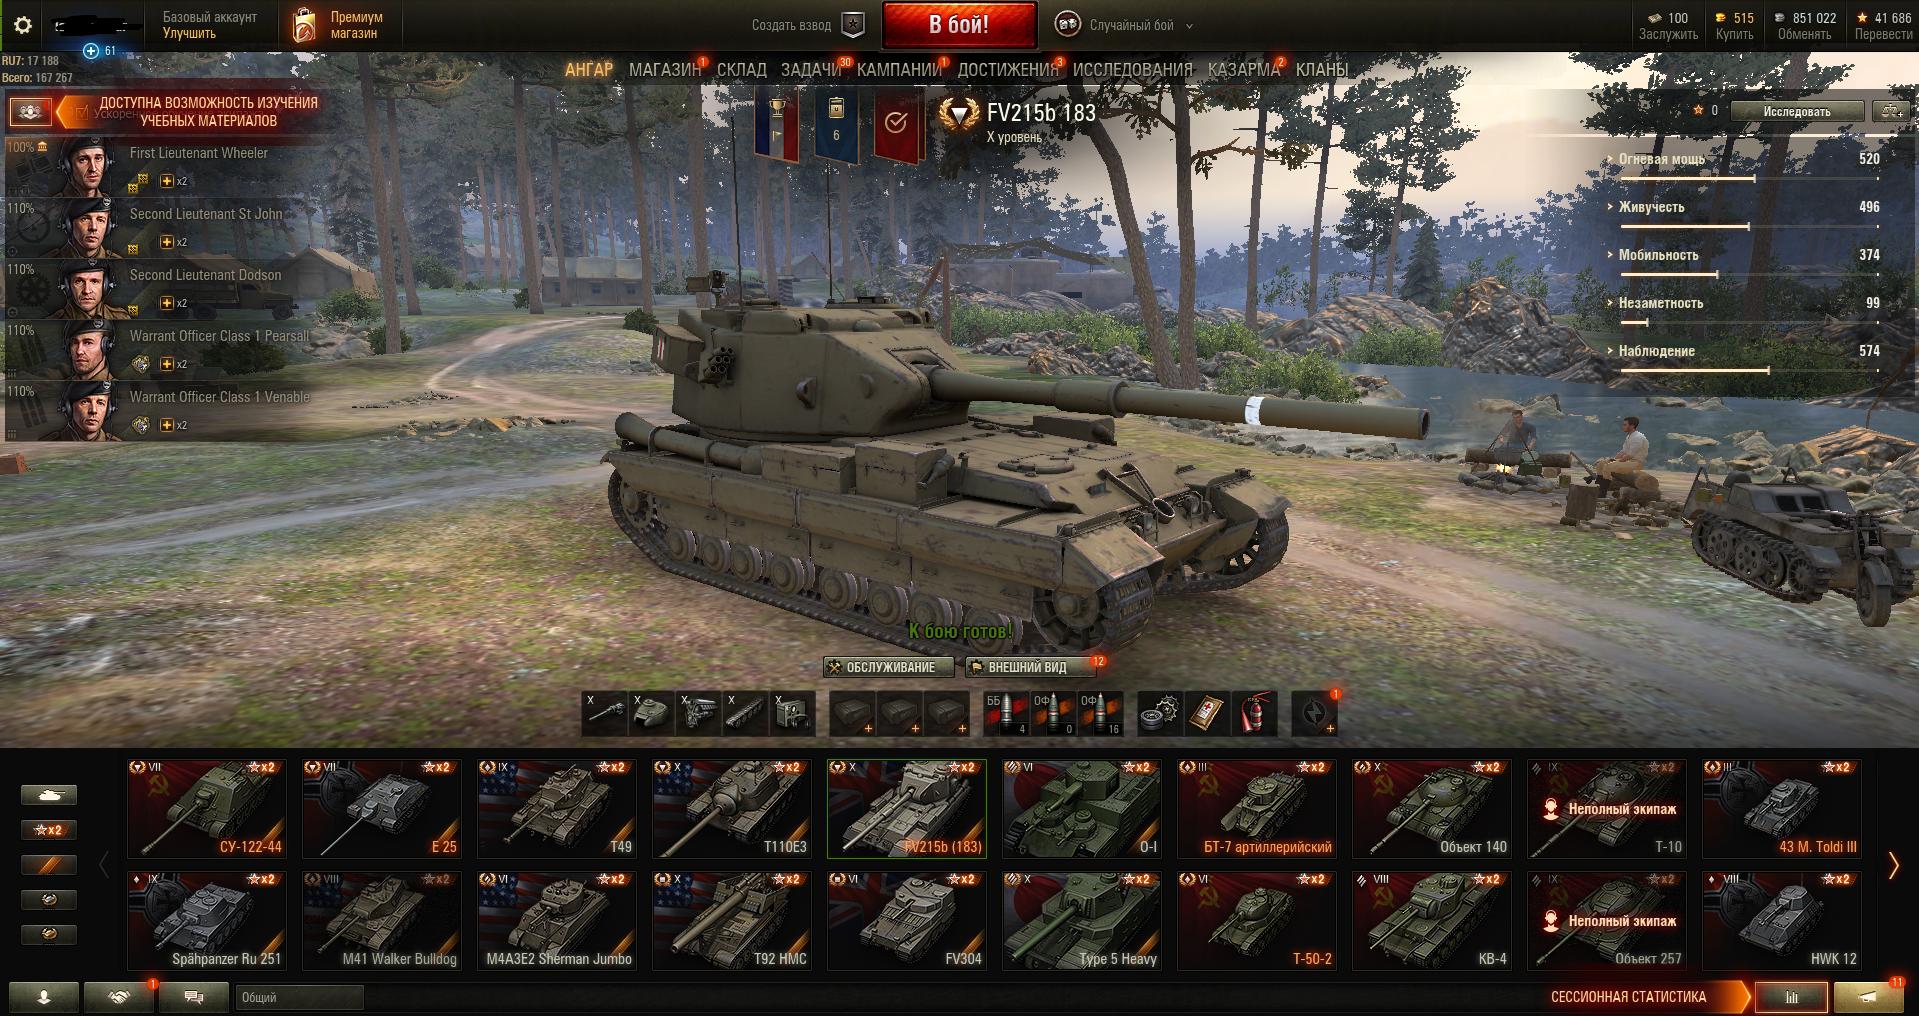 WoT (12 топов, 3 према, всего 38 танков)